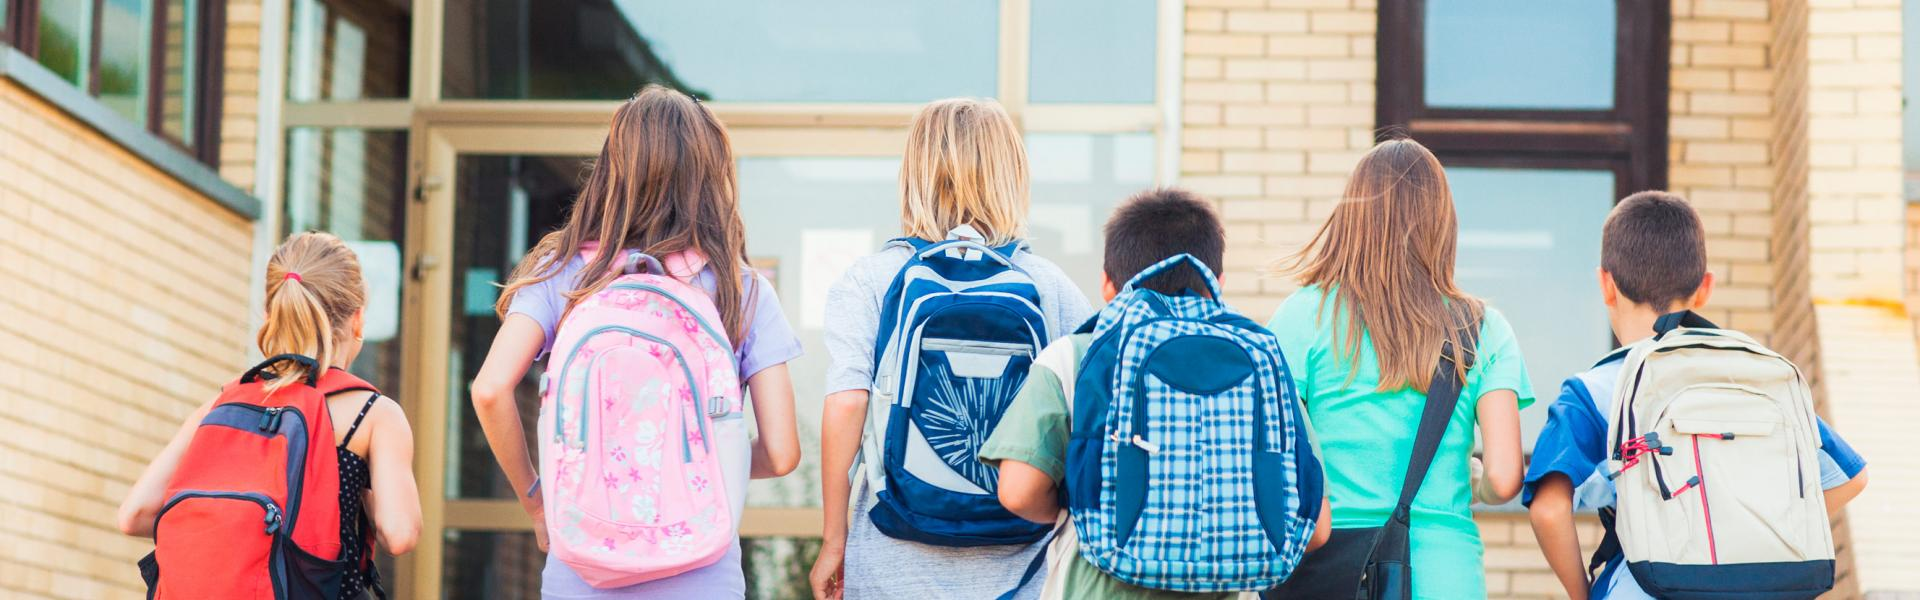 Barn på vei inn på skolen